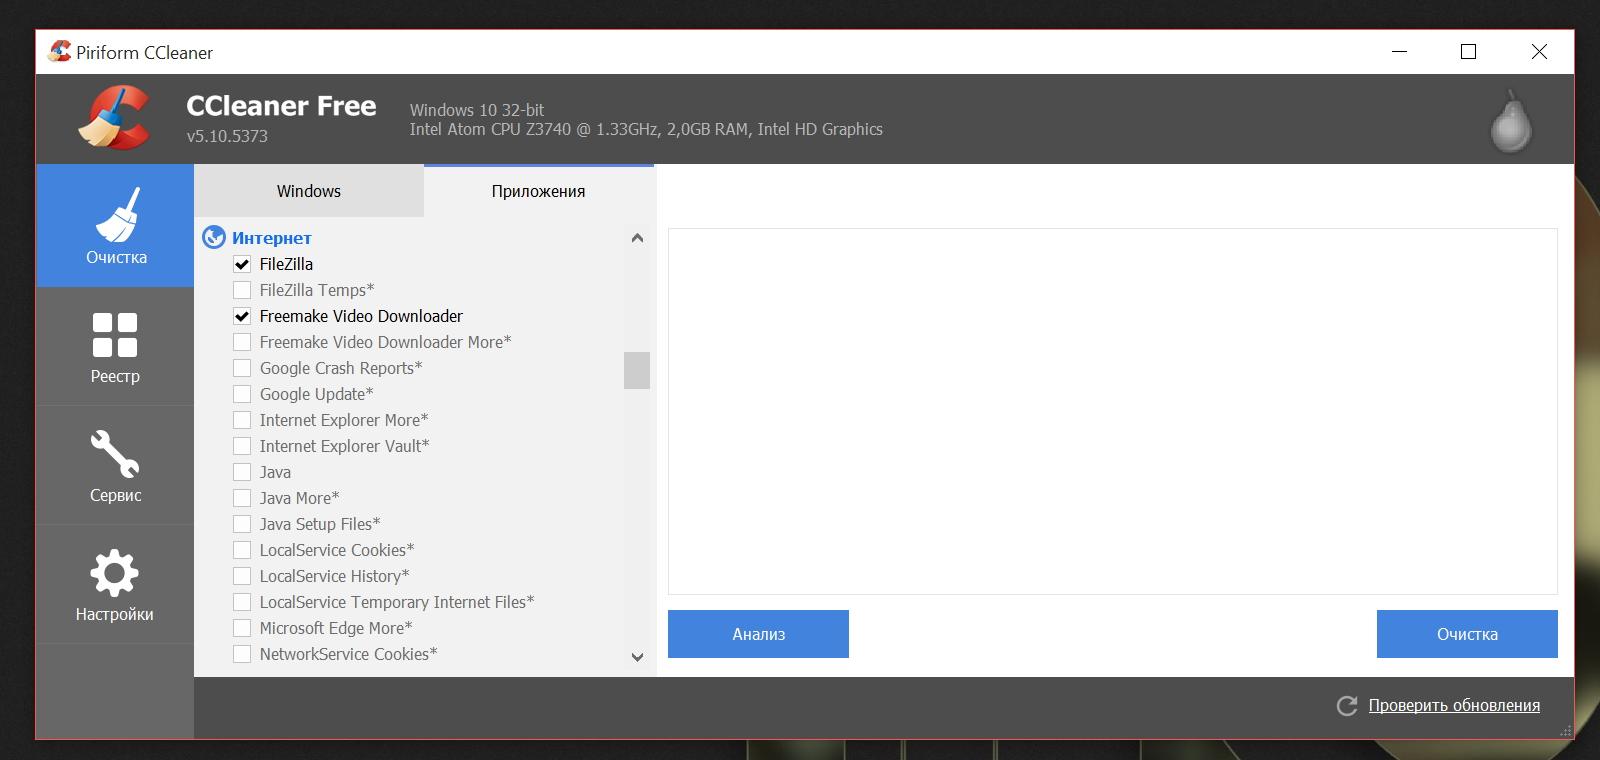 CCEnhancer — функциональное дополнение для CCleaner, расширяющее возможности программы